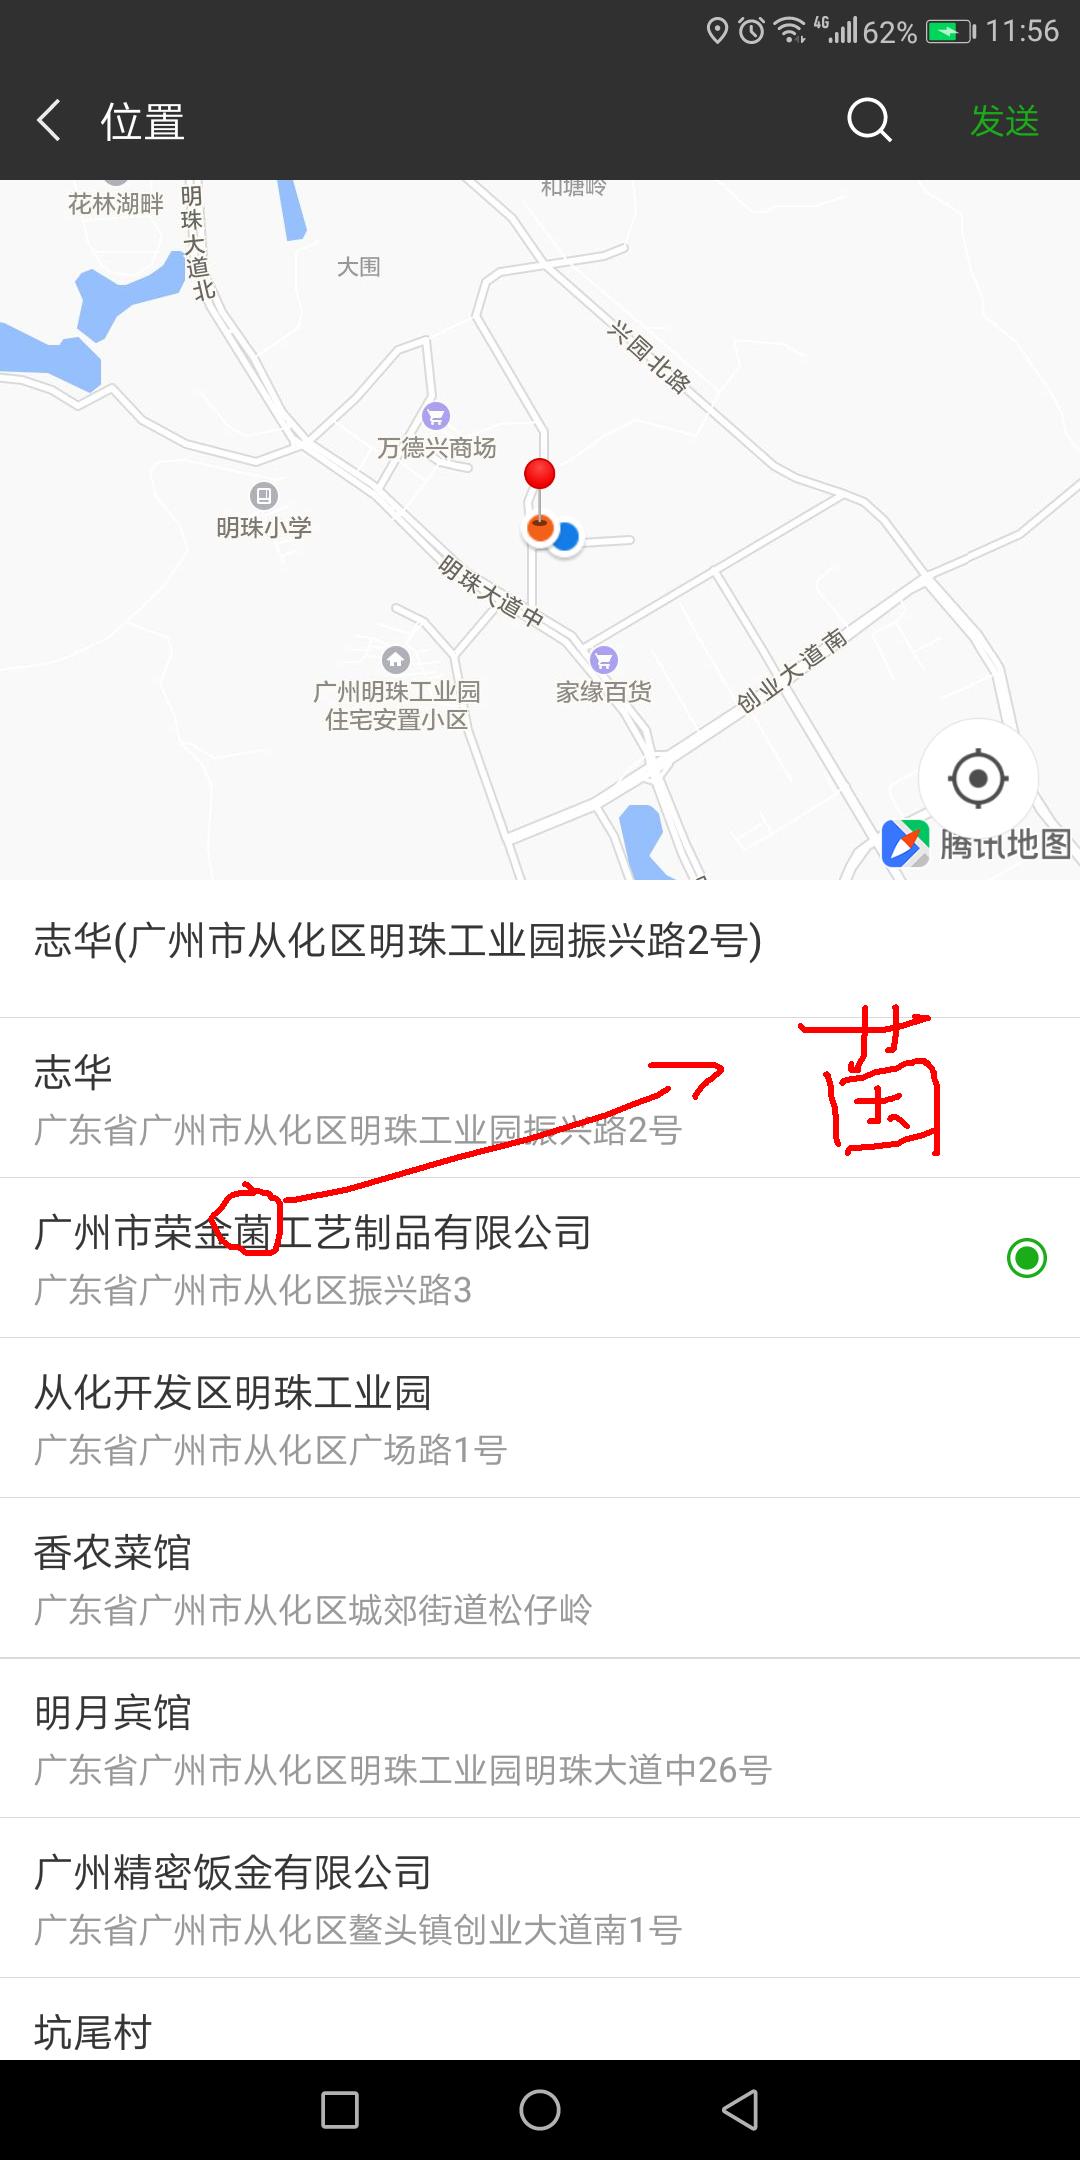 腾讯地图公司错字.png